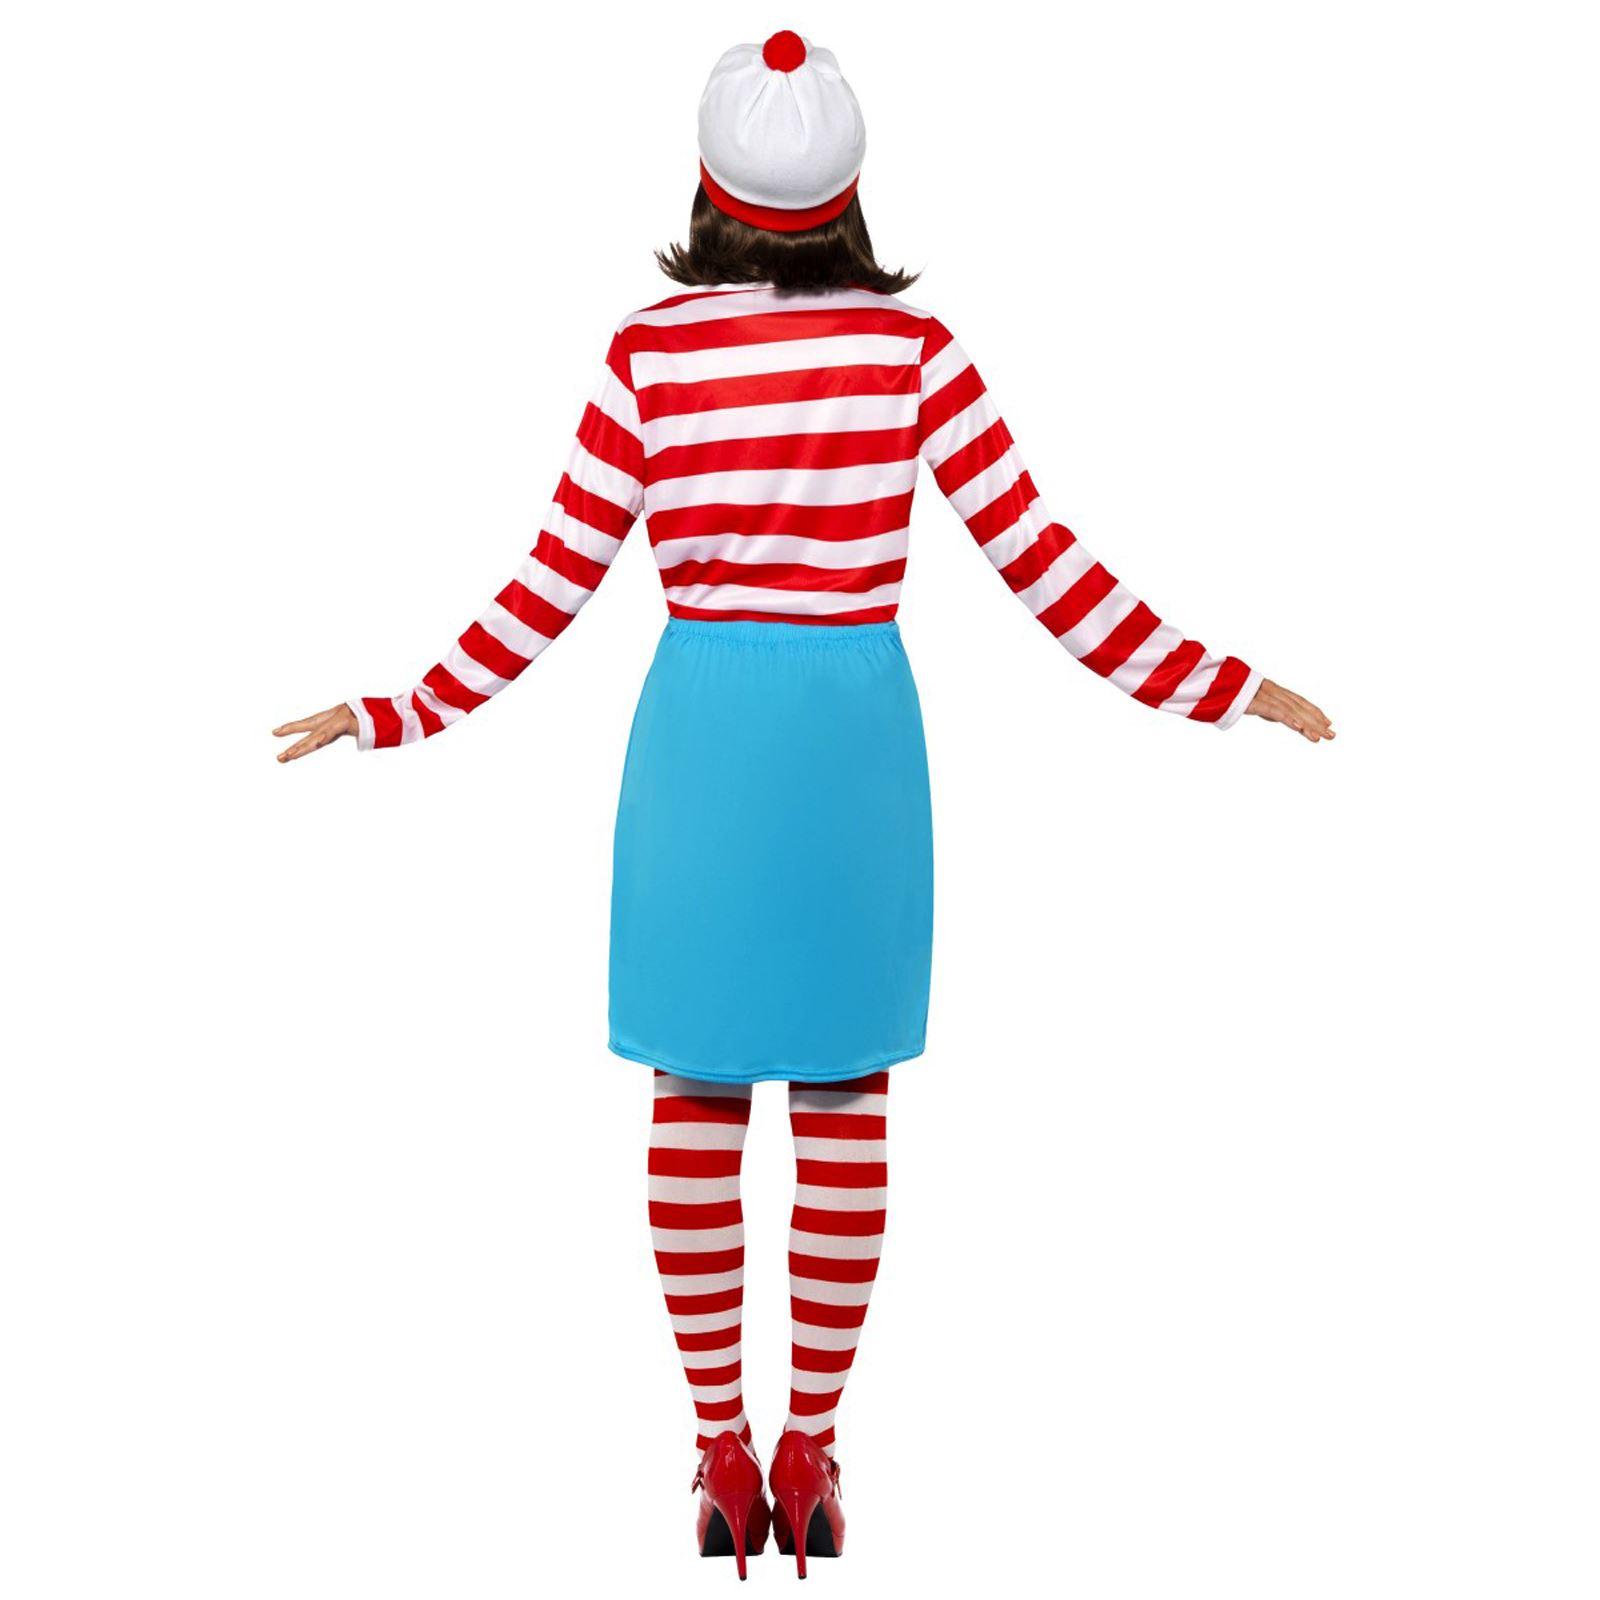 Rossa e Bianca a Righe Top Con Cappello Wally Wenda Costume-Piccolo